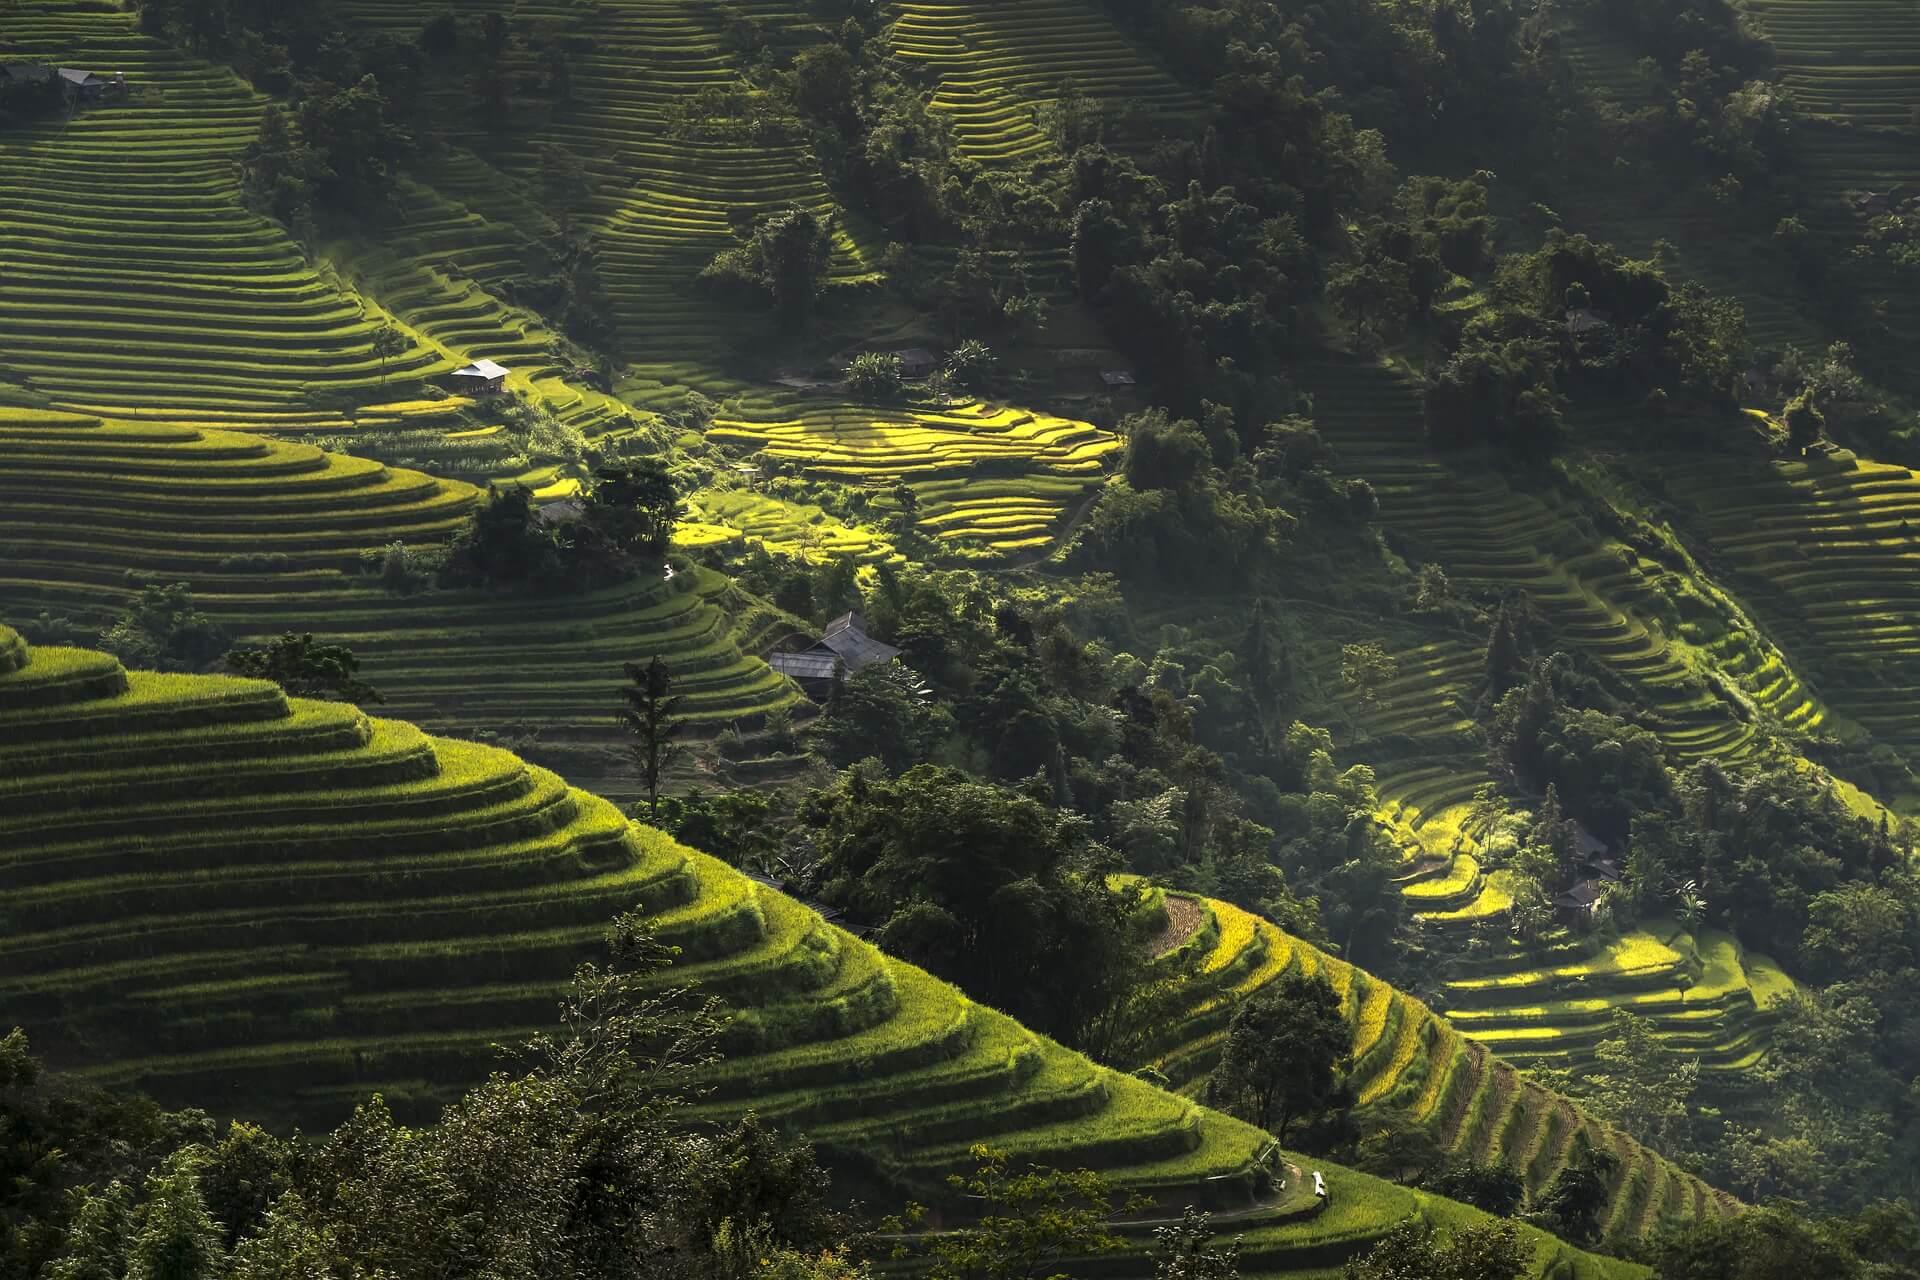 ベトナム山岳地域の棚田